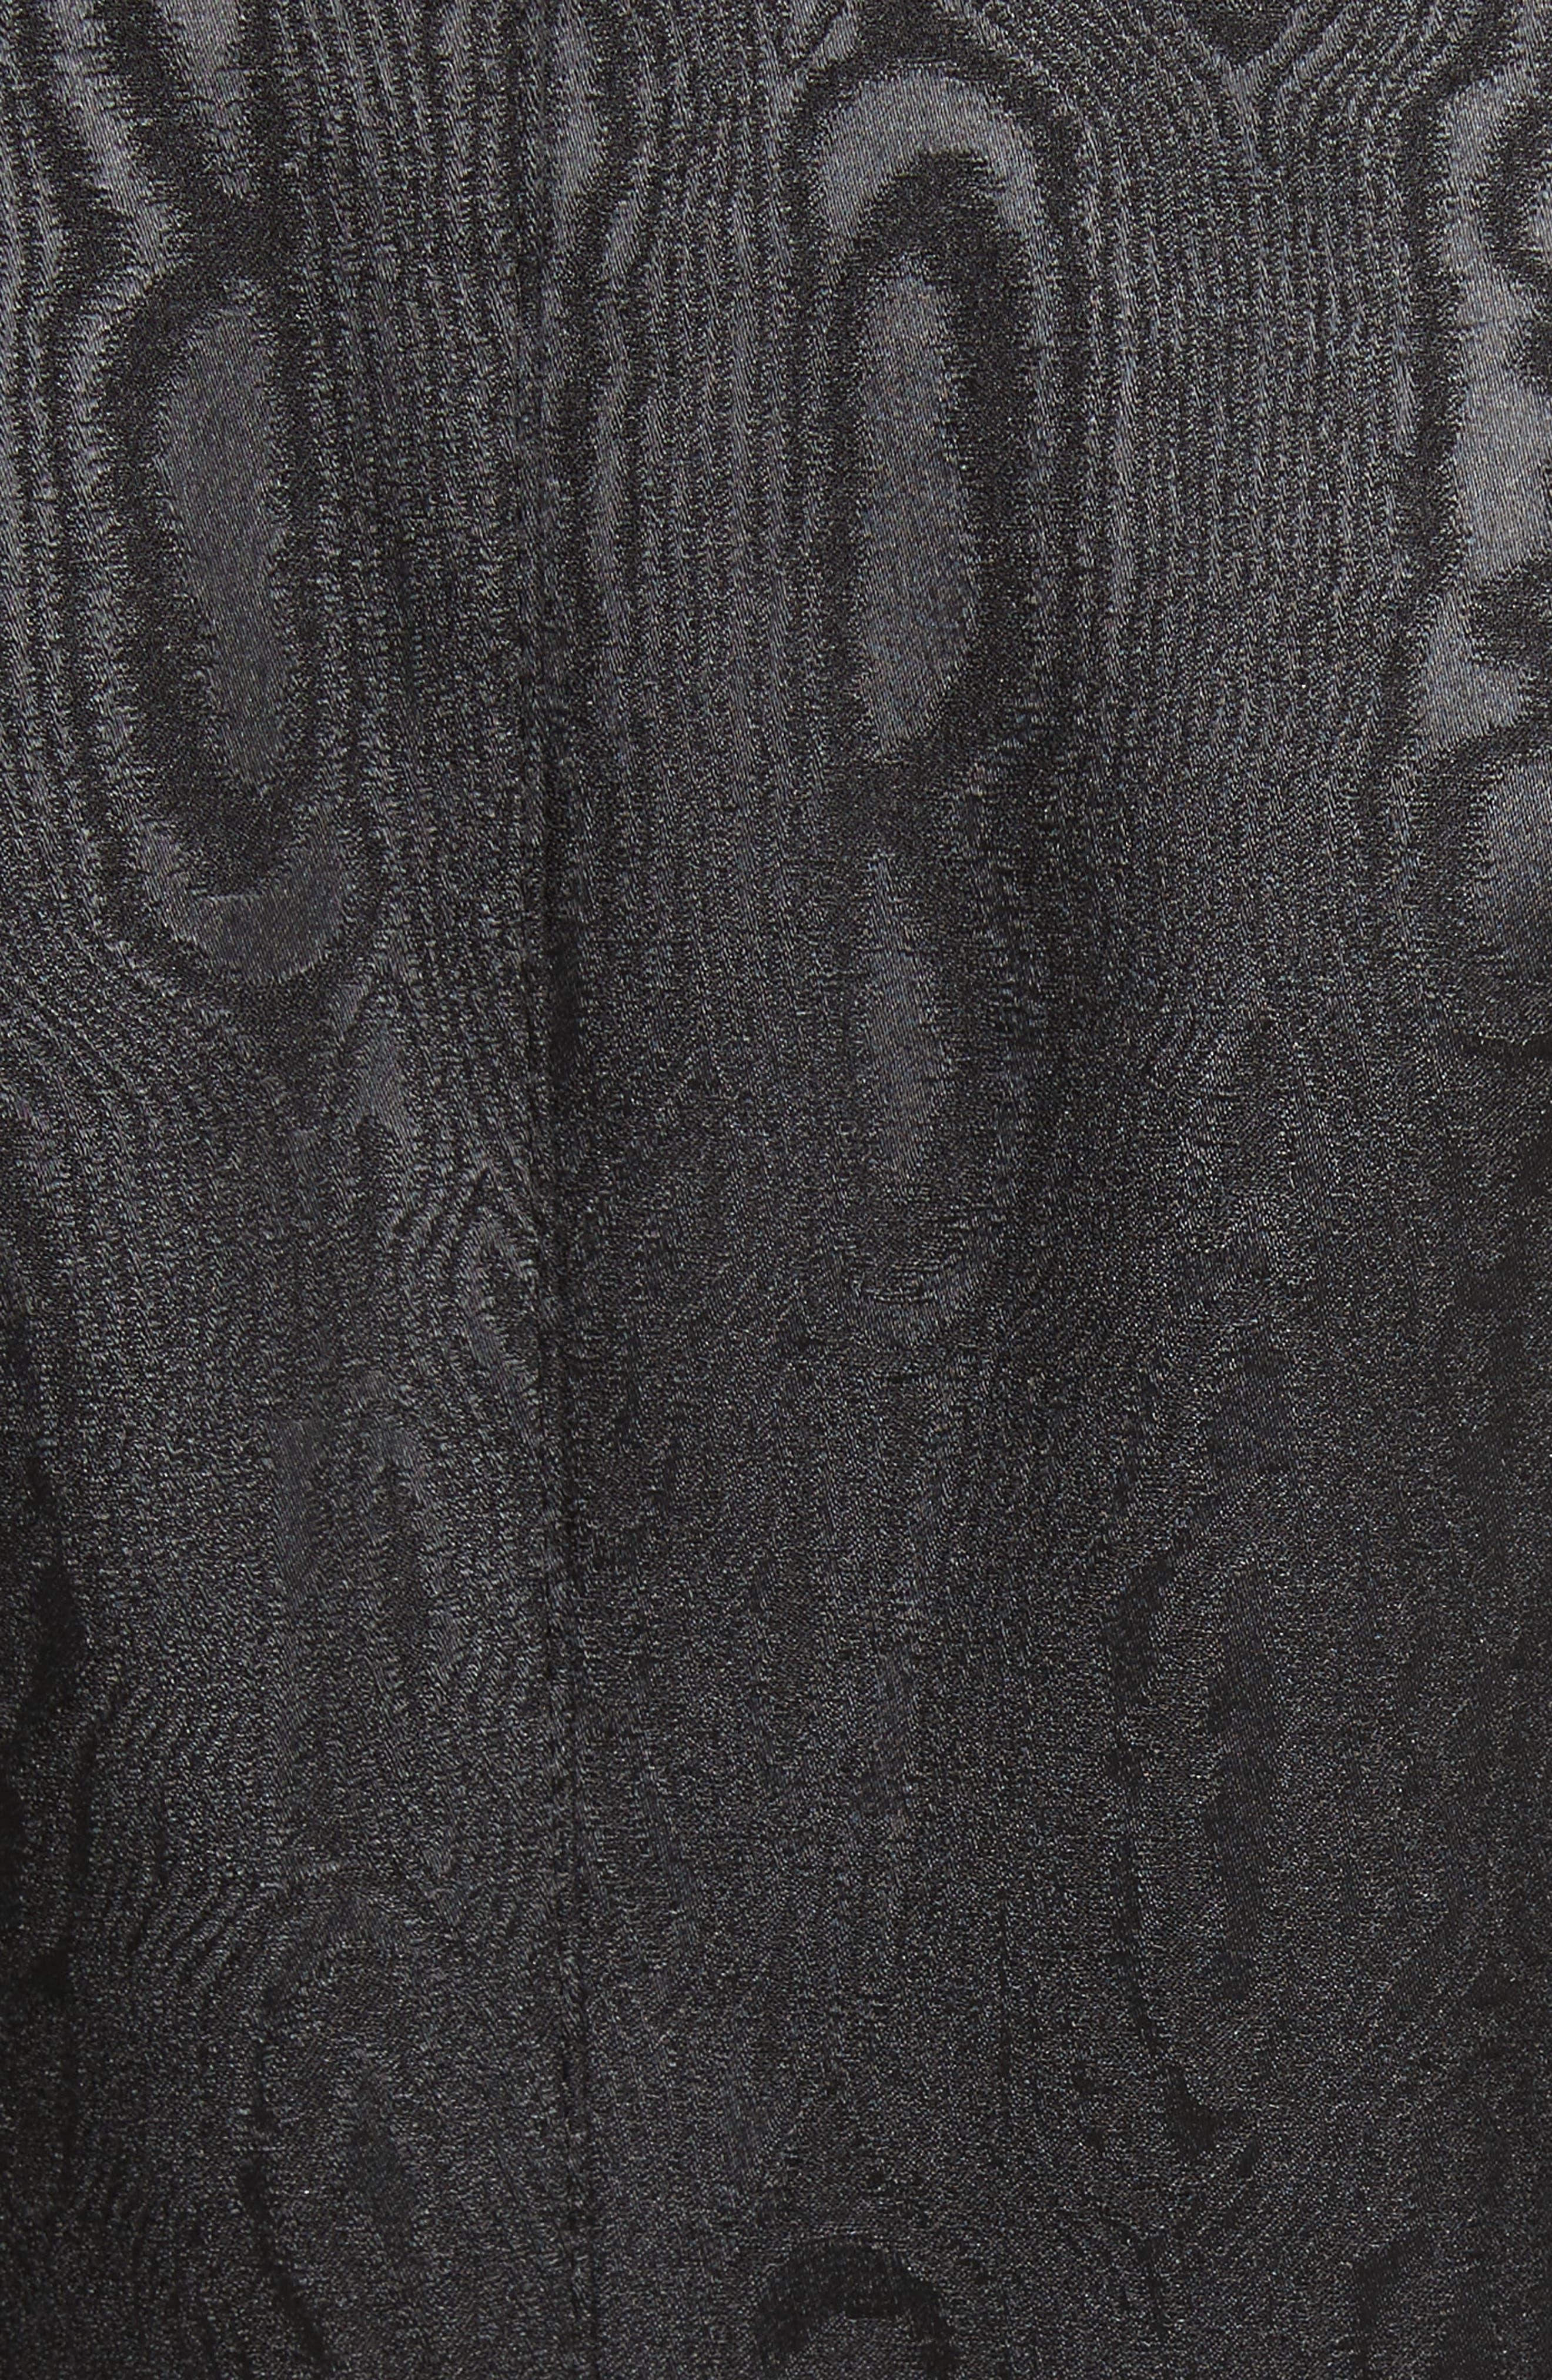 Velvet Trim Moiré Peak Lapel Blazer,                             Alternate thumbnail 6, color,                             009